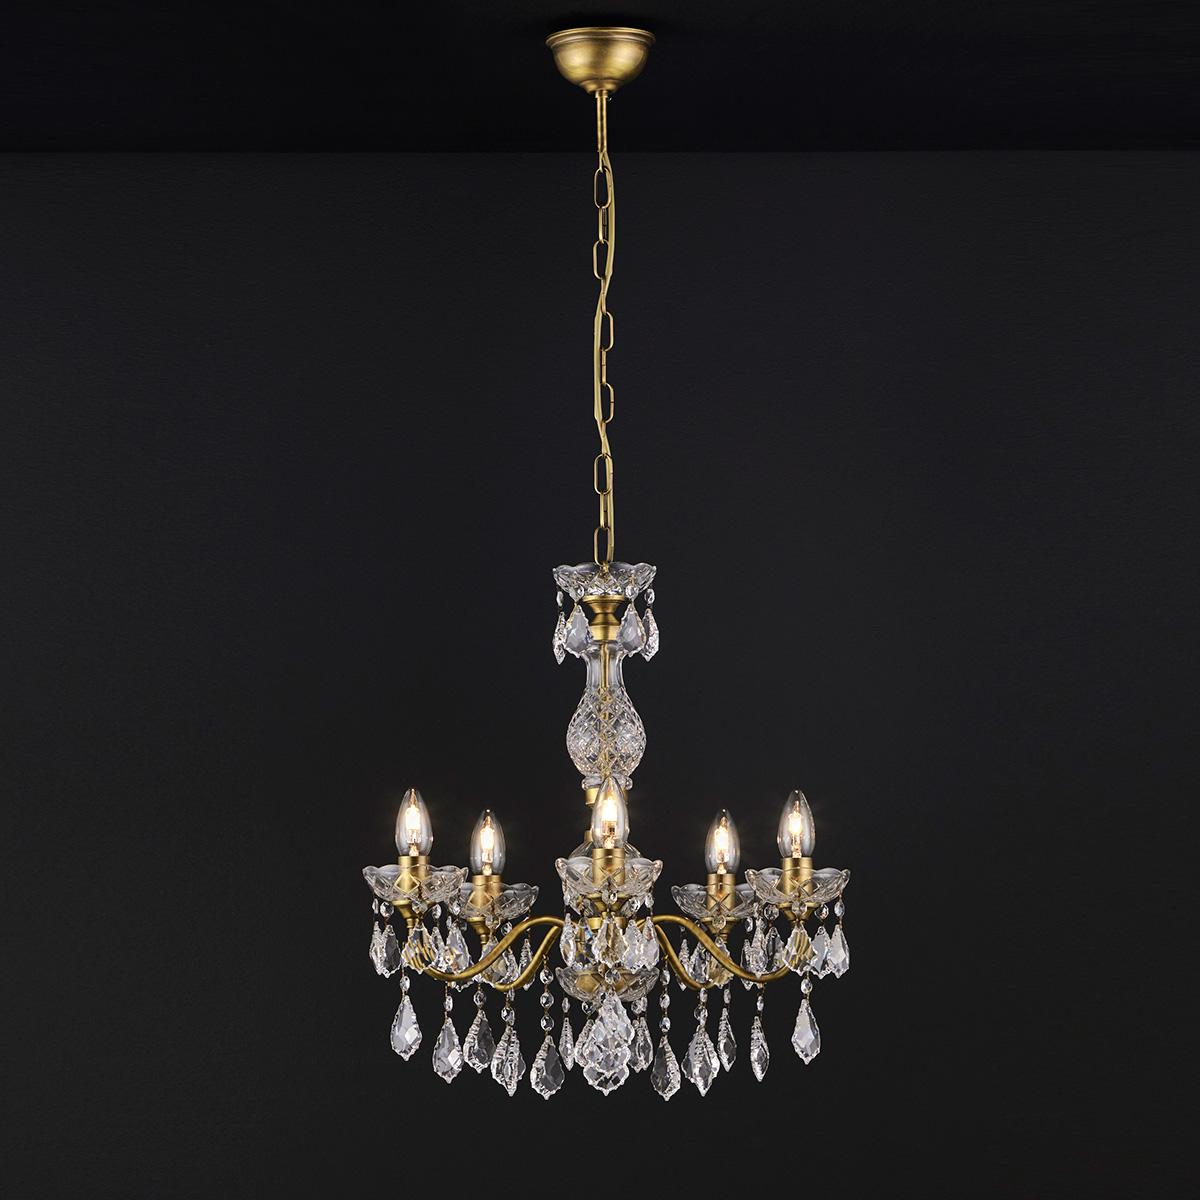 Κλασικό 5φωτο κρεμαστό φωτιστικό με κρύσταλλα ΔΙΟΝ classic 5-bulb chandelier with crystal accents